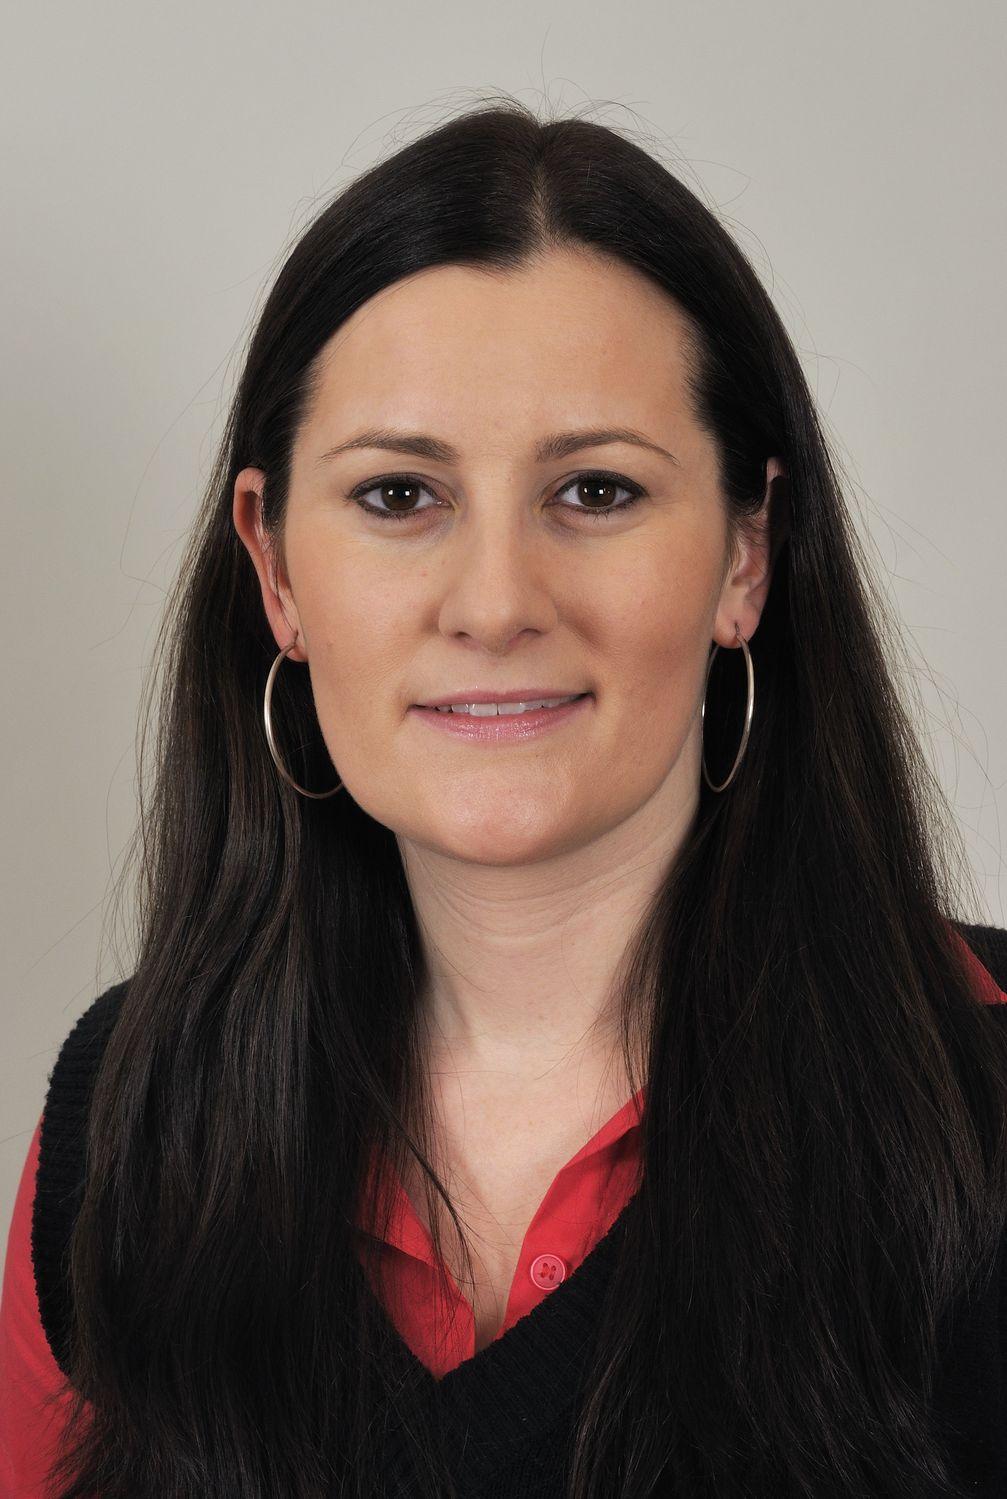 Janine Wissler (2013)